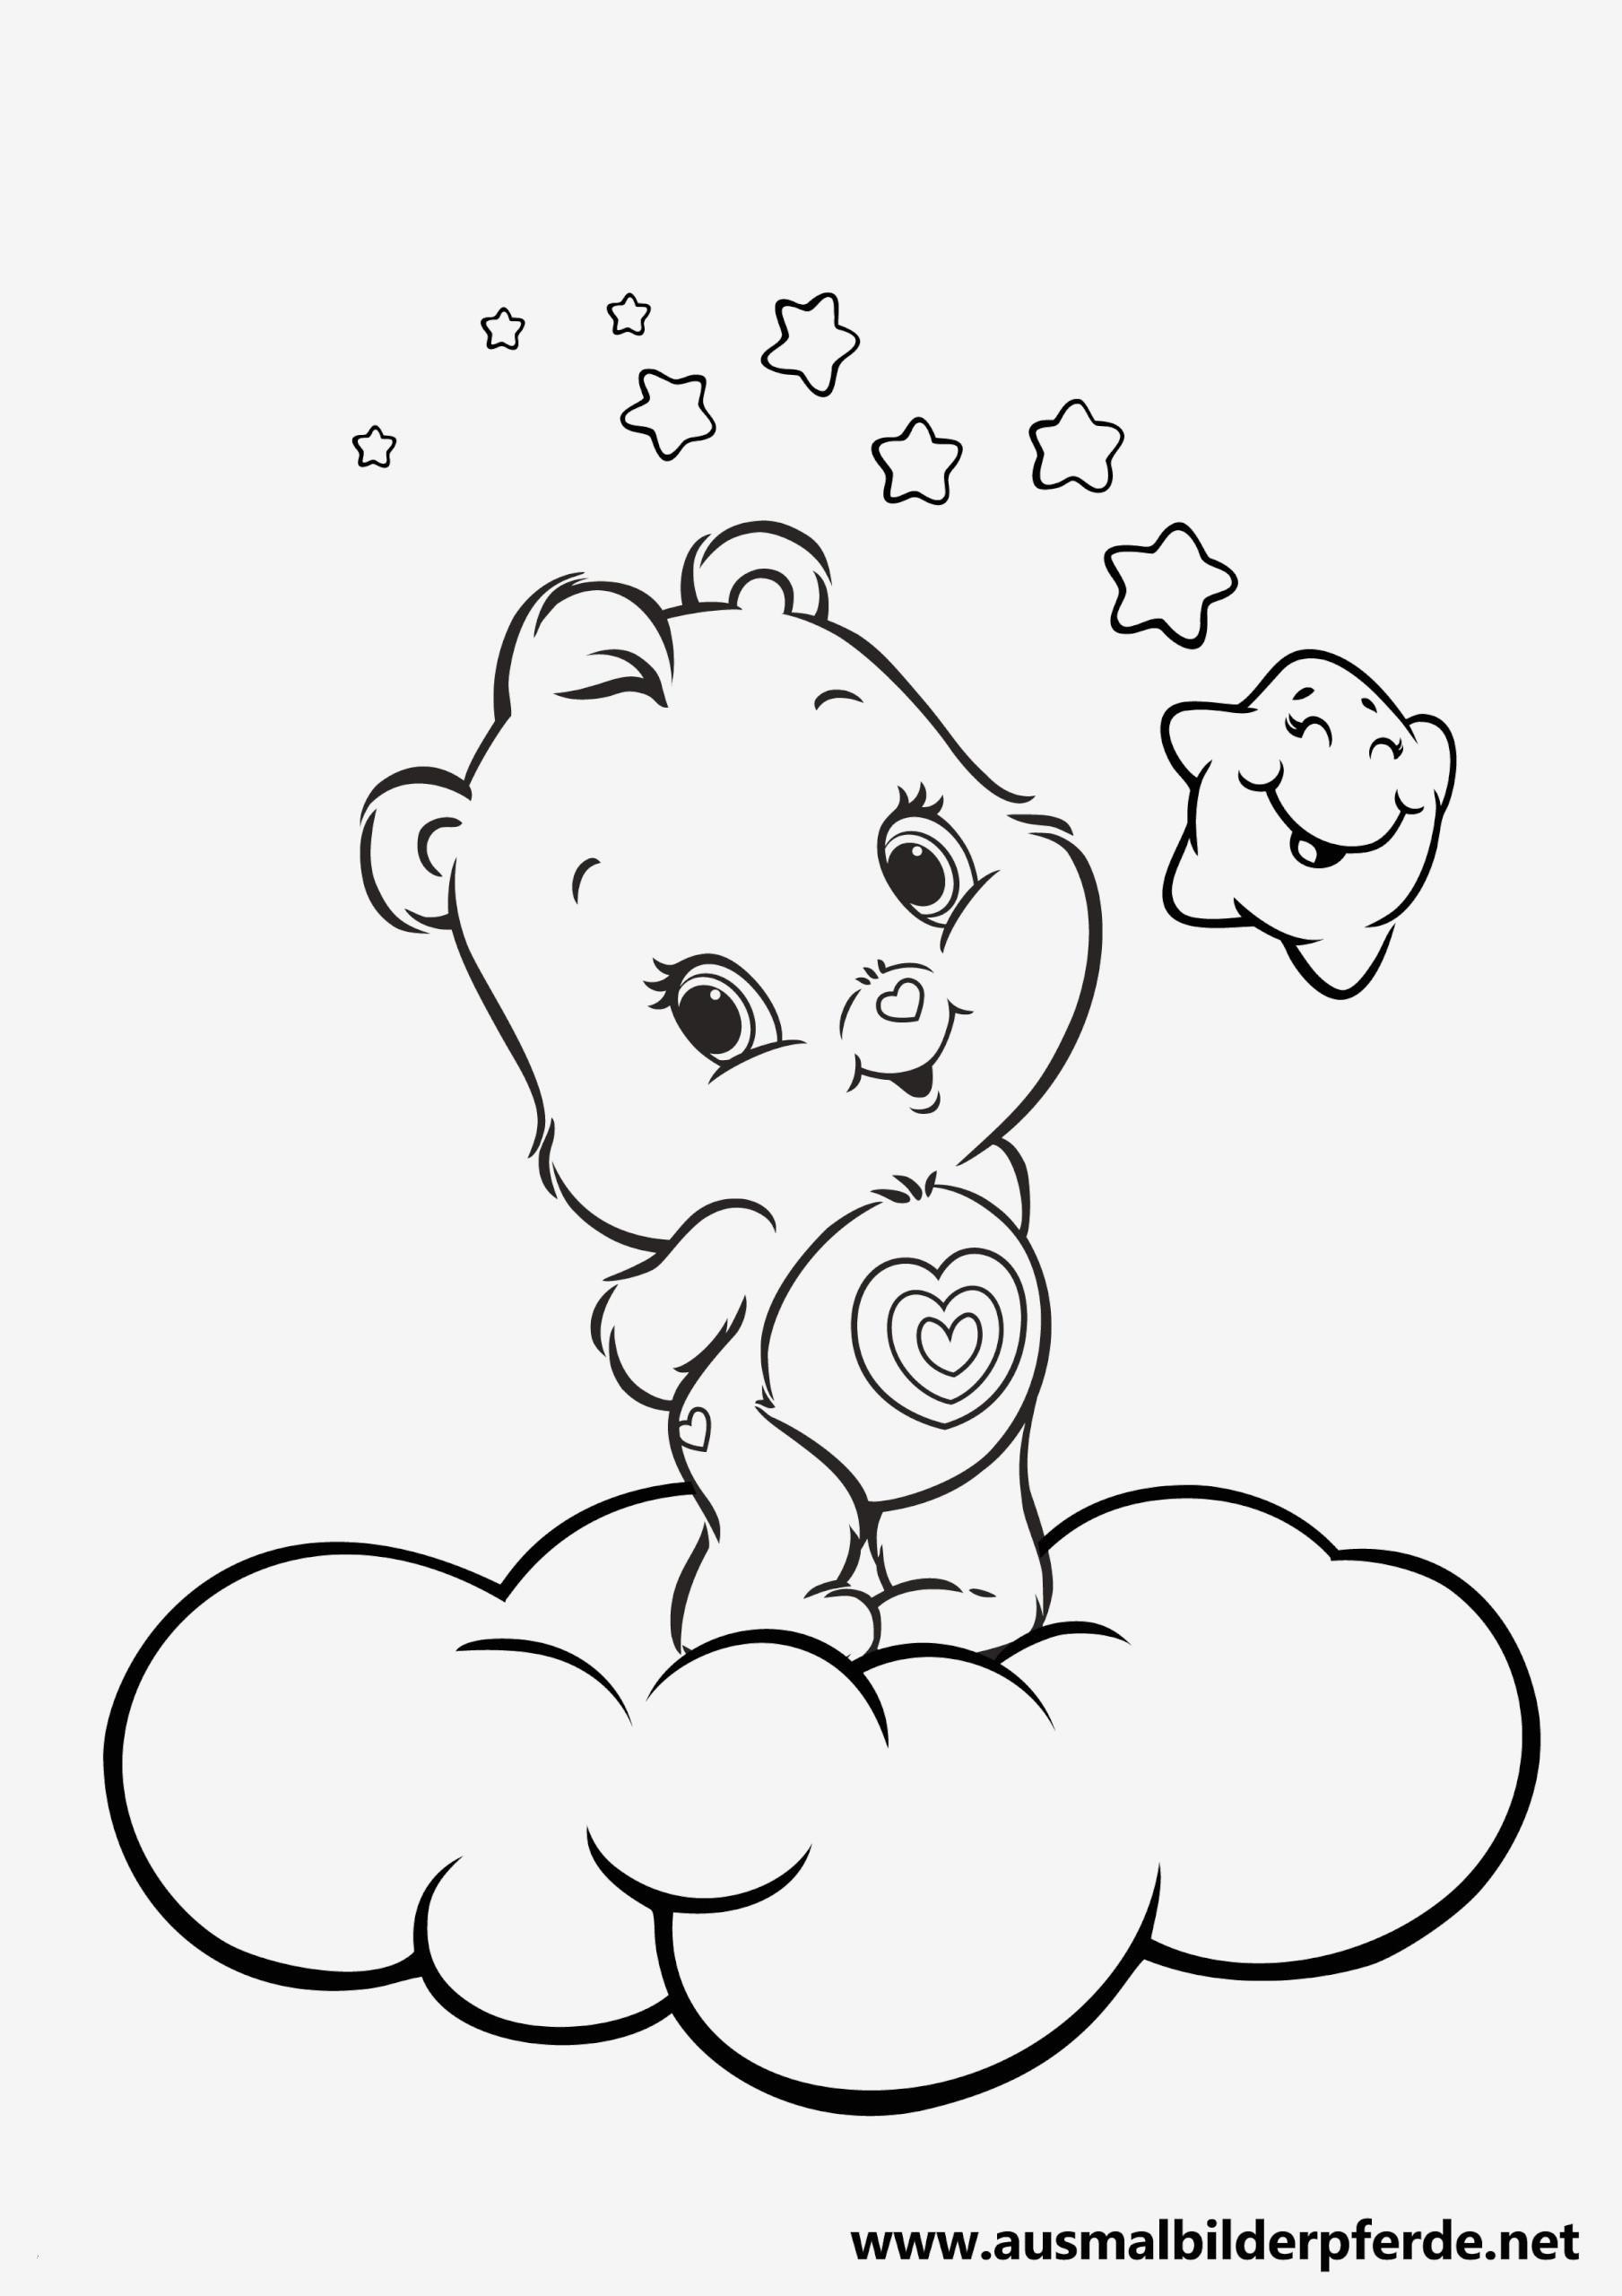 Kinder Malvorlagen Com Frisch Einhorn Malvorlage Kinder Lernspiele Färbung Bilder Ausmalbilder Für Bild